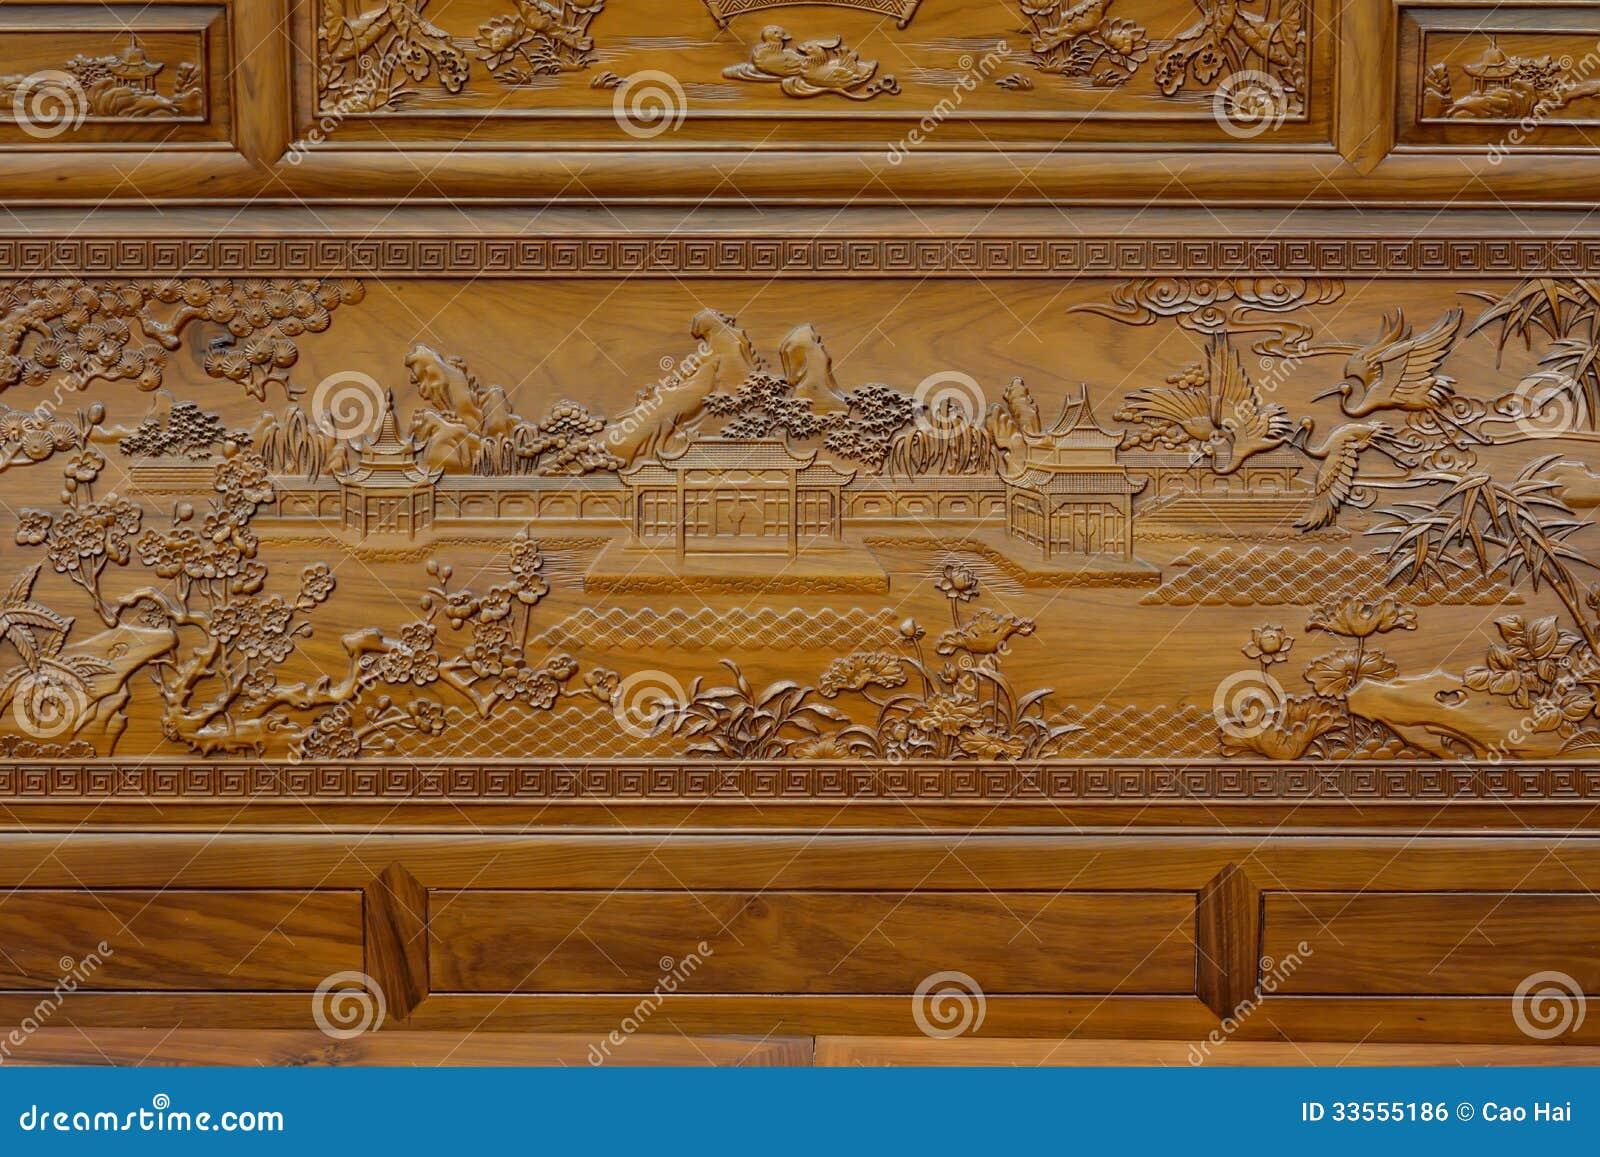 Wyśmienita rzeźba na drewnianym meble w Chińskim tradycyjnym stylu